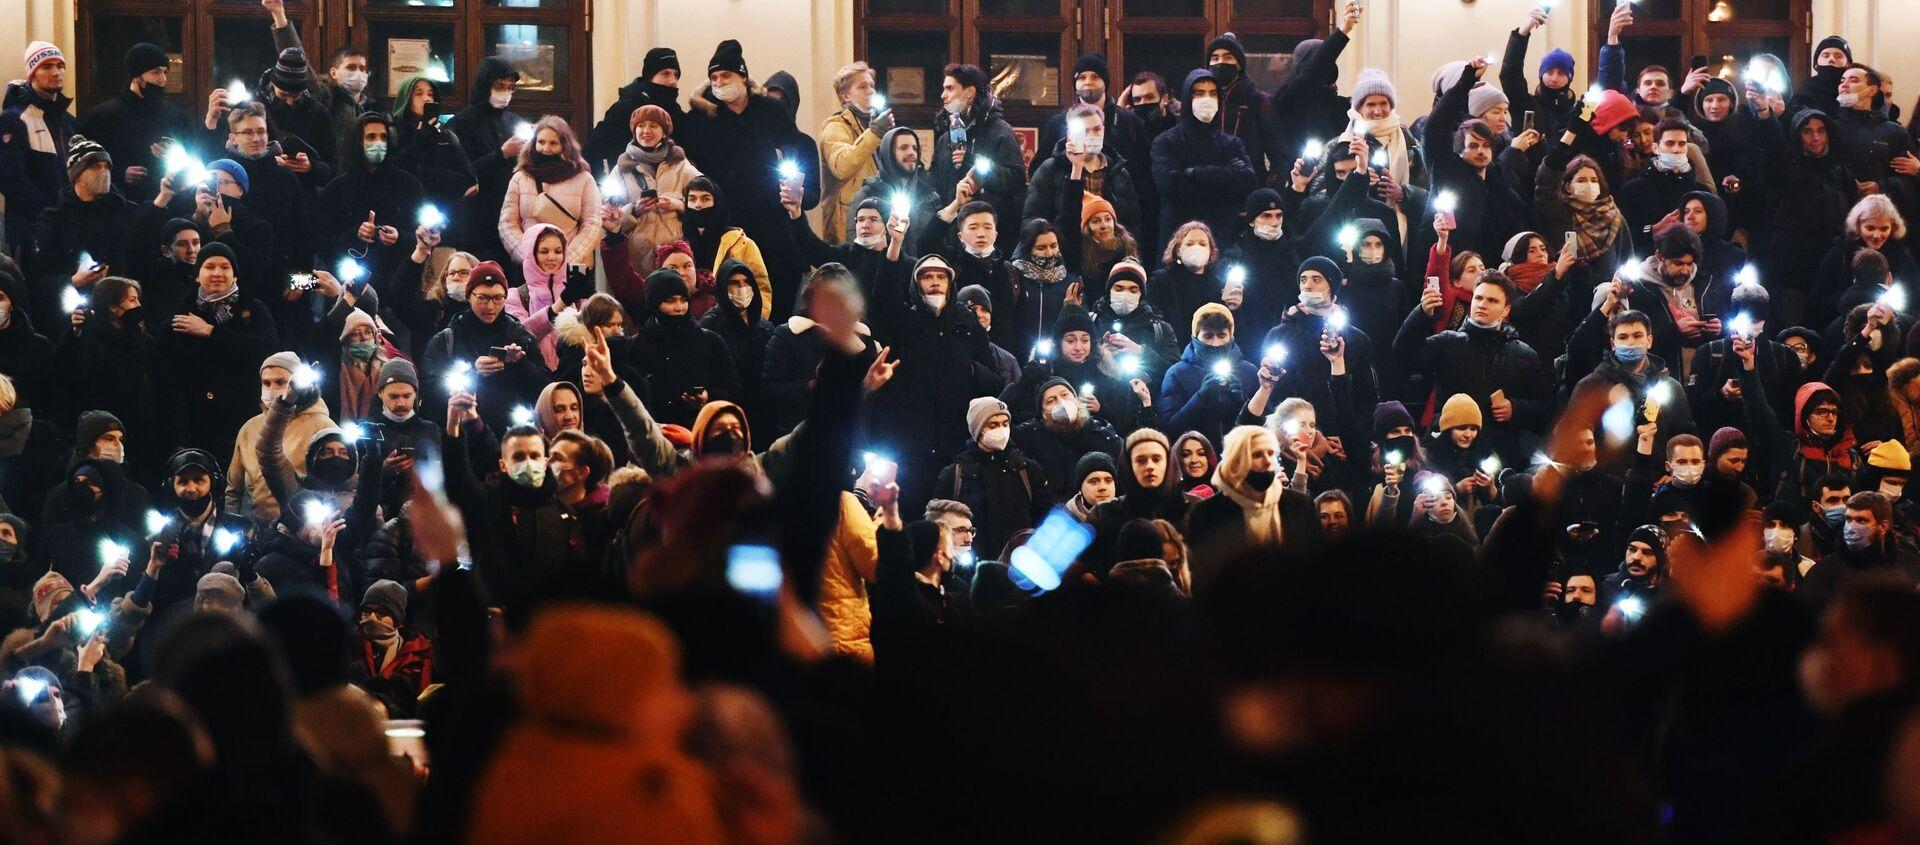 Protest zwolenników Aleksieja Nawalnego w Moskwie.  - Sputnik Polska, 1920, 27.01.2021